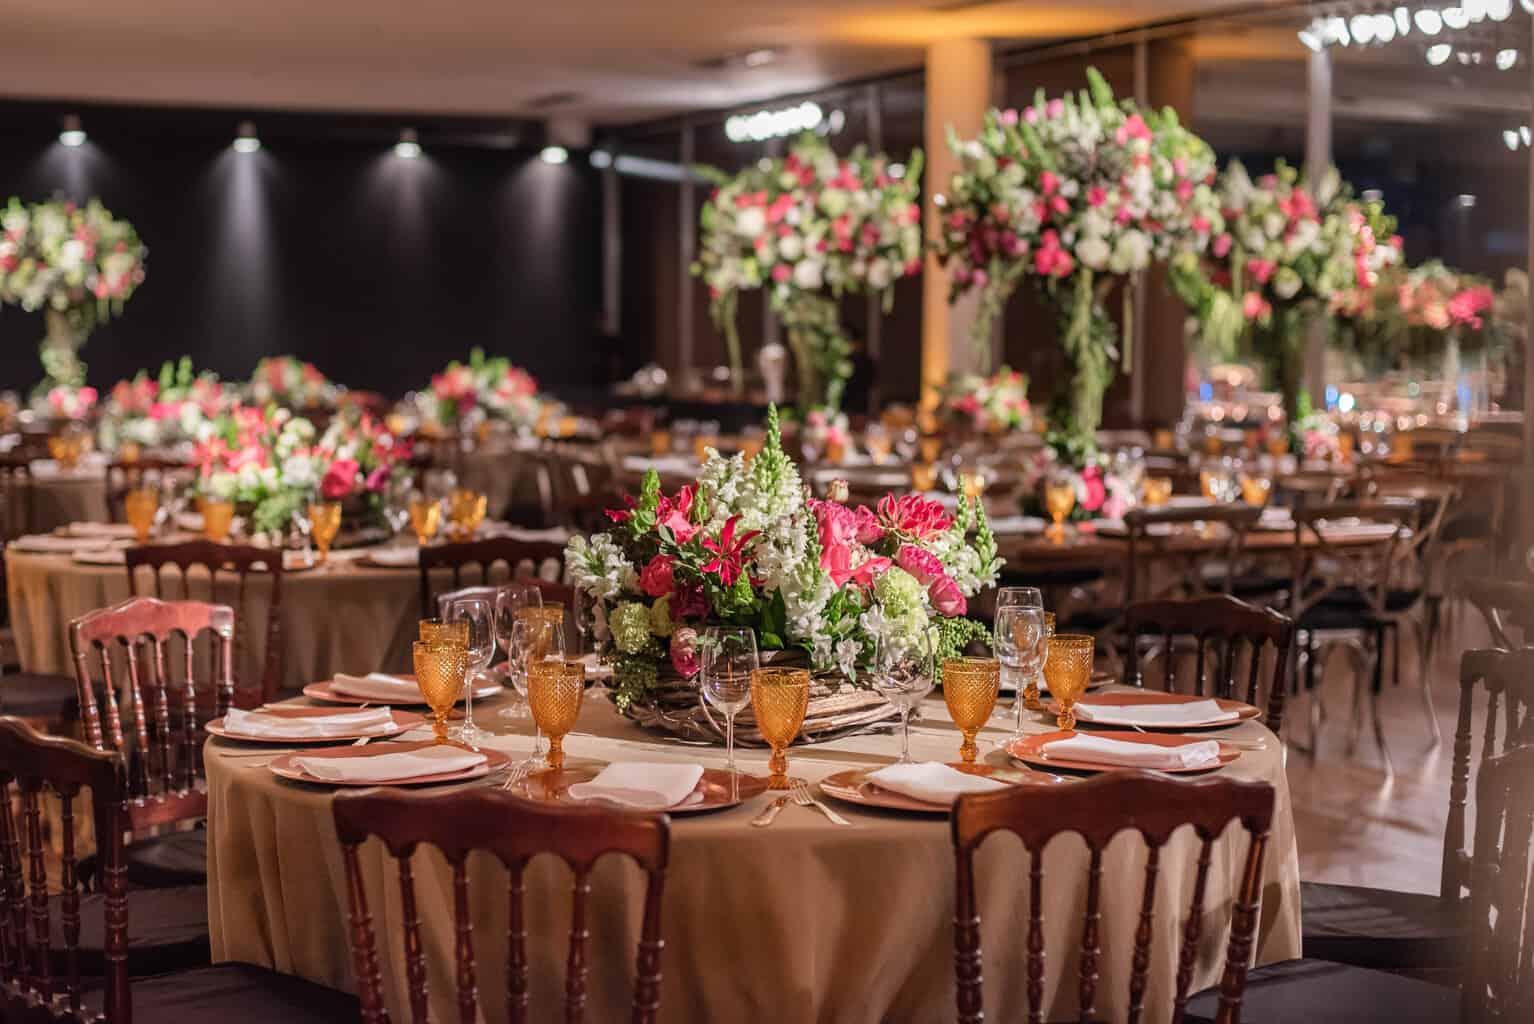 casamento-Karynna-e-Fernando-cerimonial-TCD-Eventos-decoração-Eugenia-Guerrera-Decoração-Melanie-Schmid-fotografia-Marina-Fava12